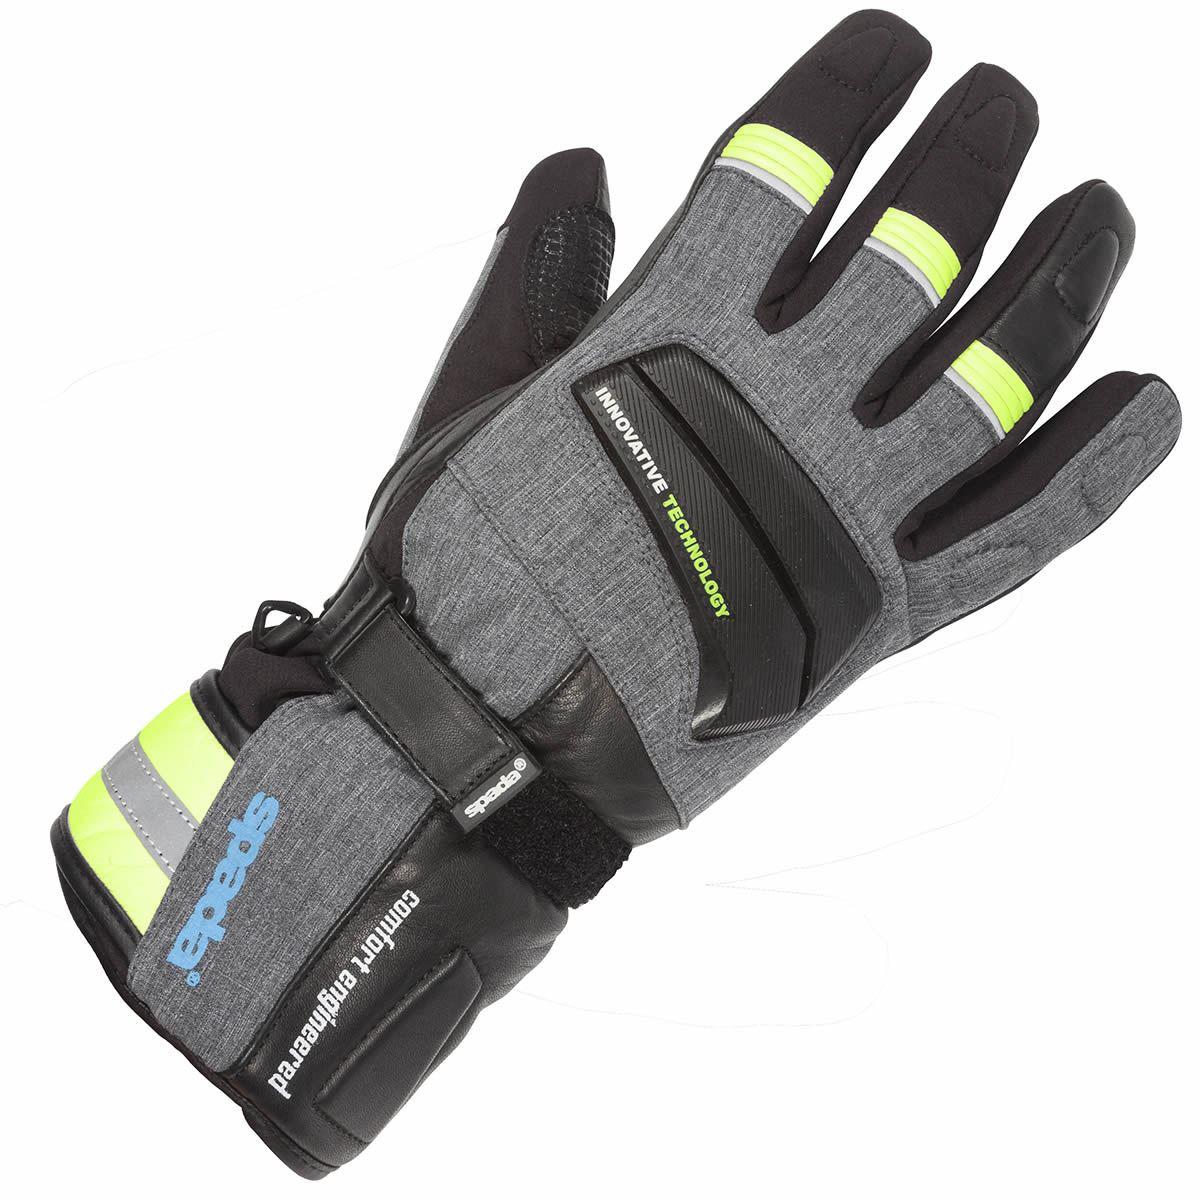 Spada-Latour-Waterproof-Winter-Gloves-Motorcycle-Motorbike-Thermal-Touring thumbnail 10